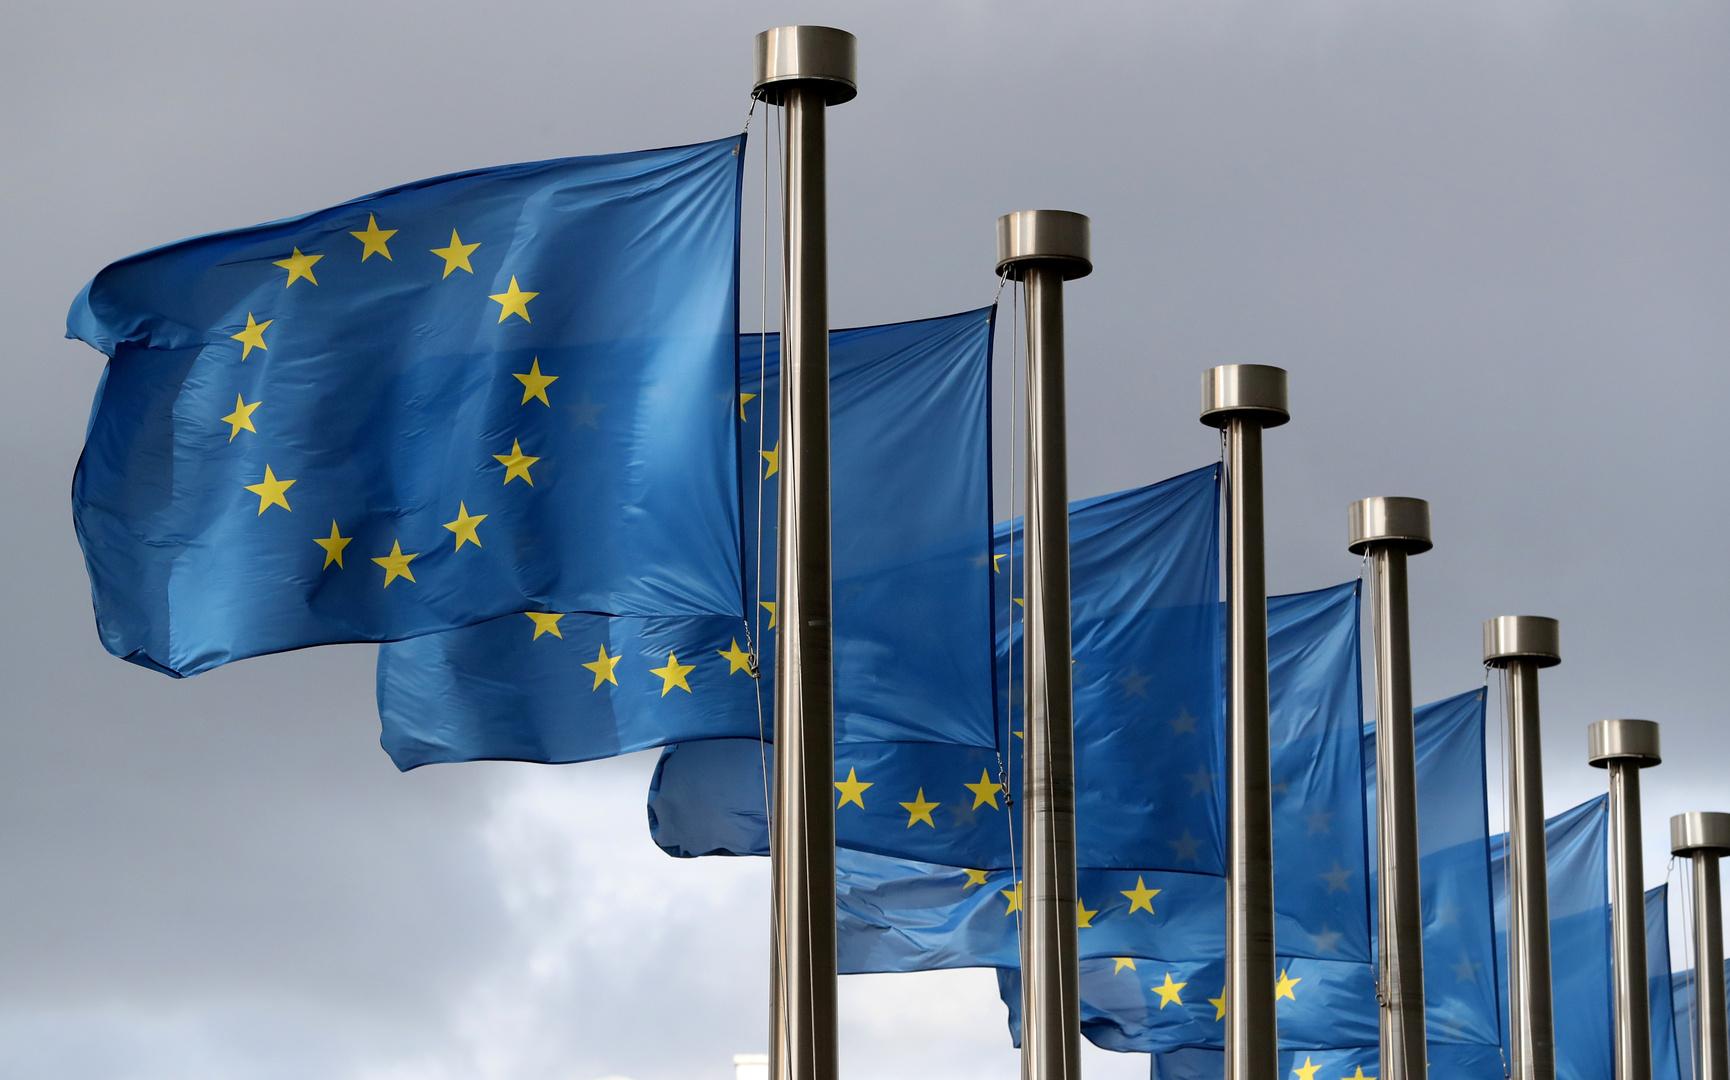 المفوضية الأوروبية ترغب بمناقشة إصدار وثيقة تمنح لمتلقي لقاح كورونا